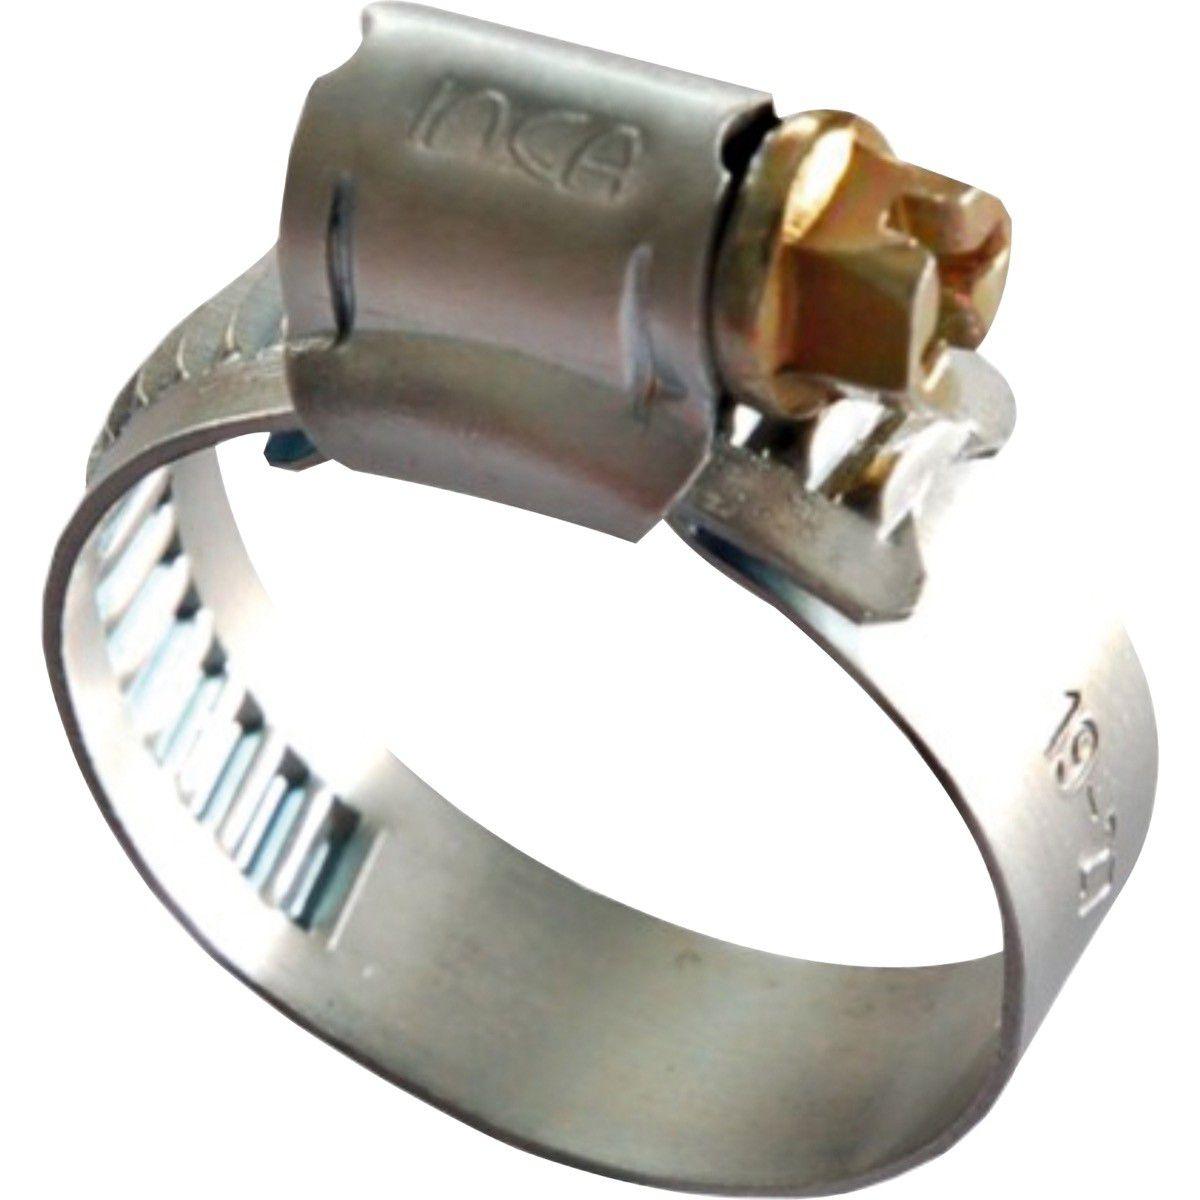 Abraçadeira Roscada S/Fim B 1/2X3/4 13 A19Mm Pt/100